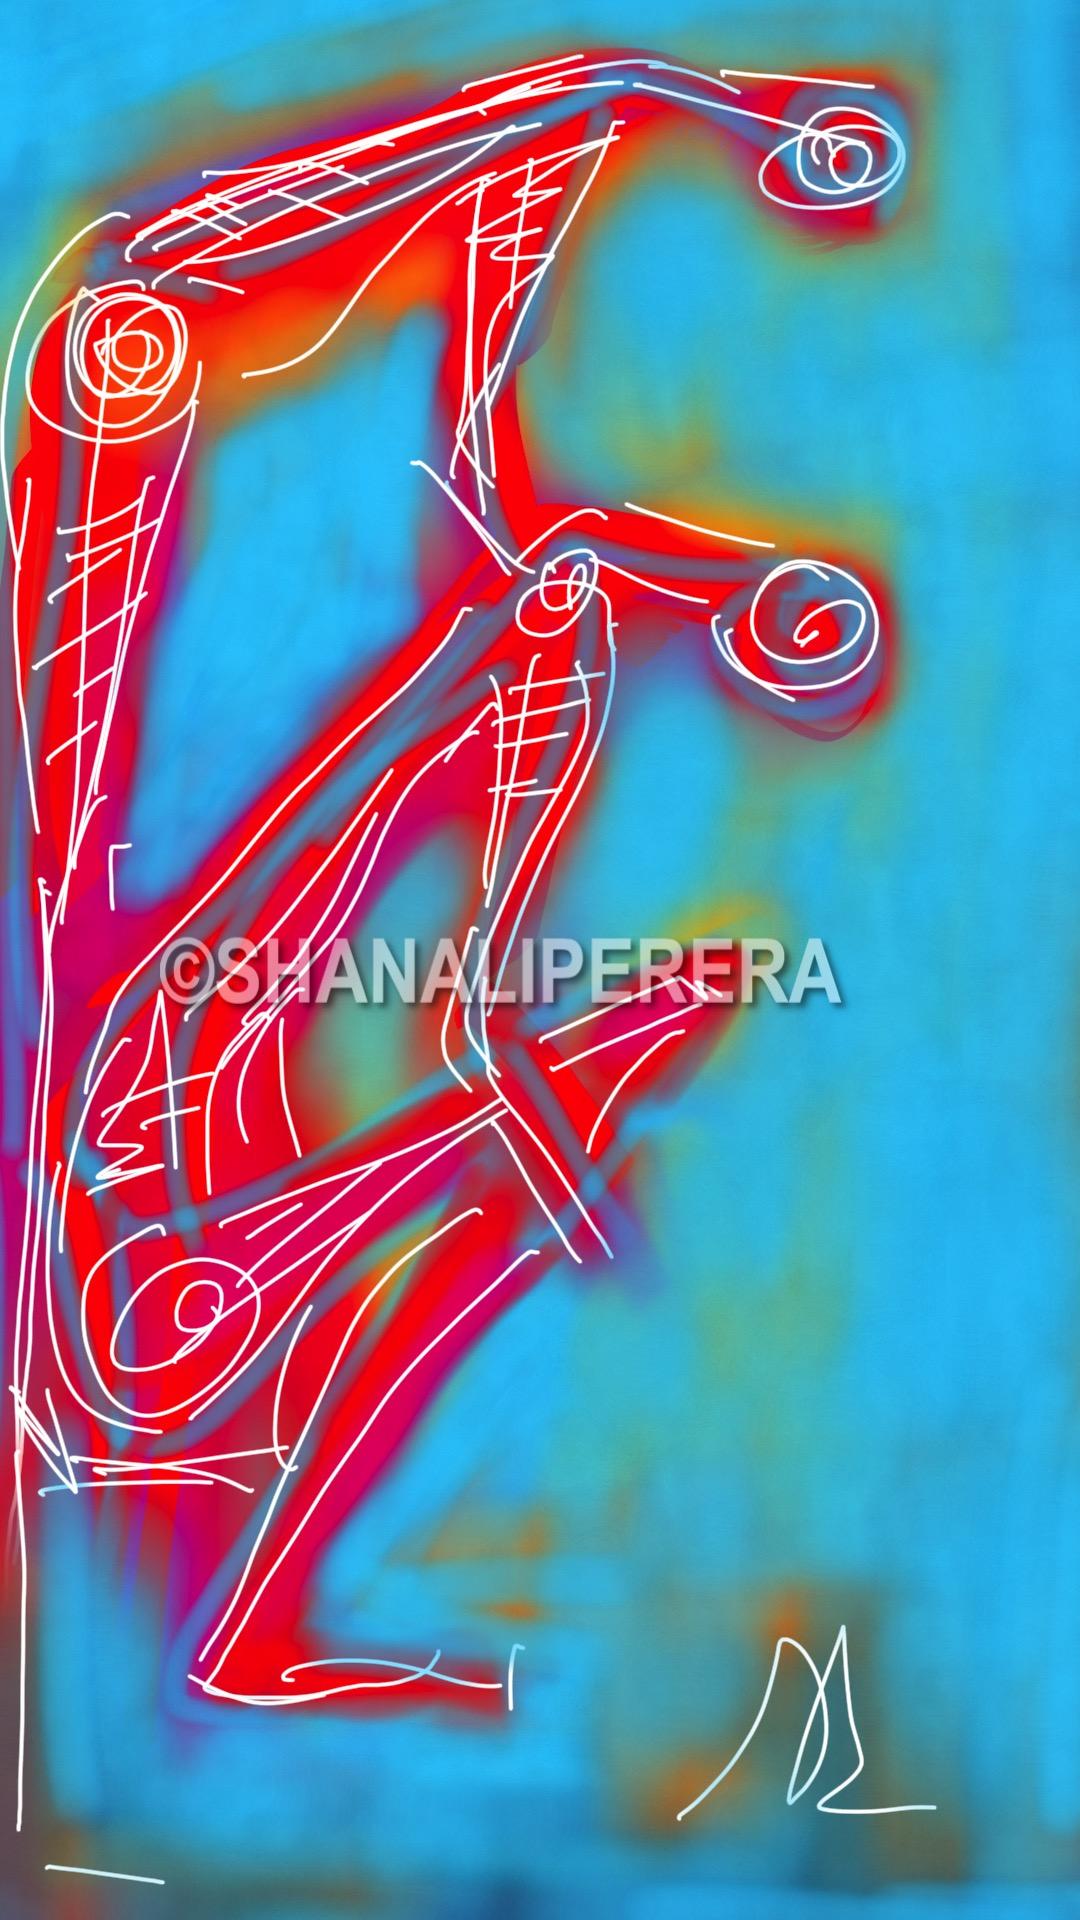 sketch-1476645110021-1.jpg